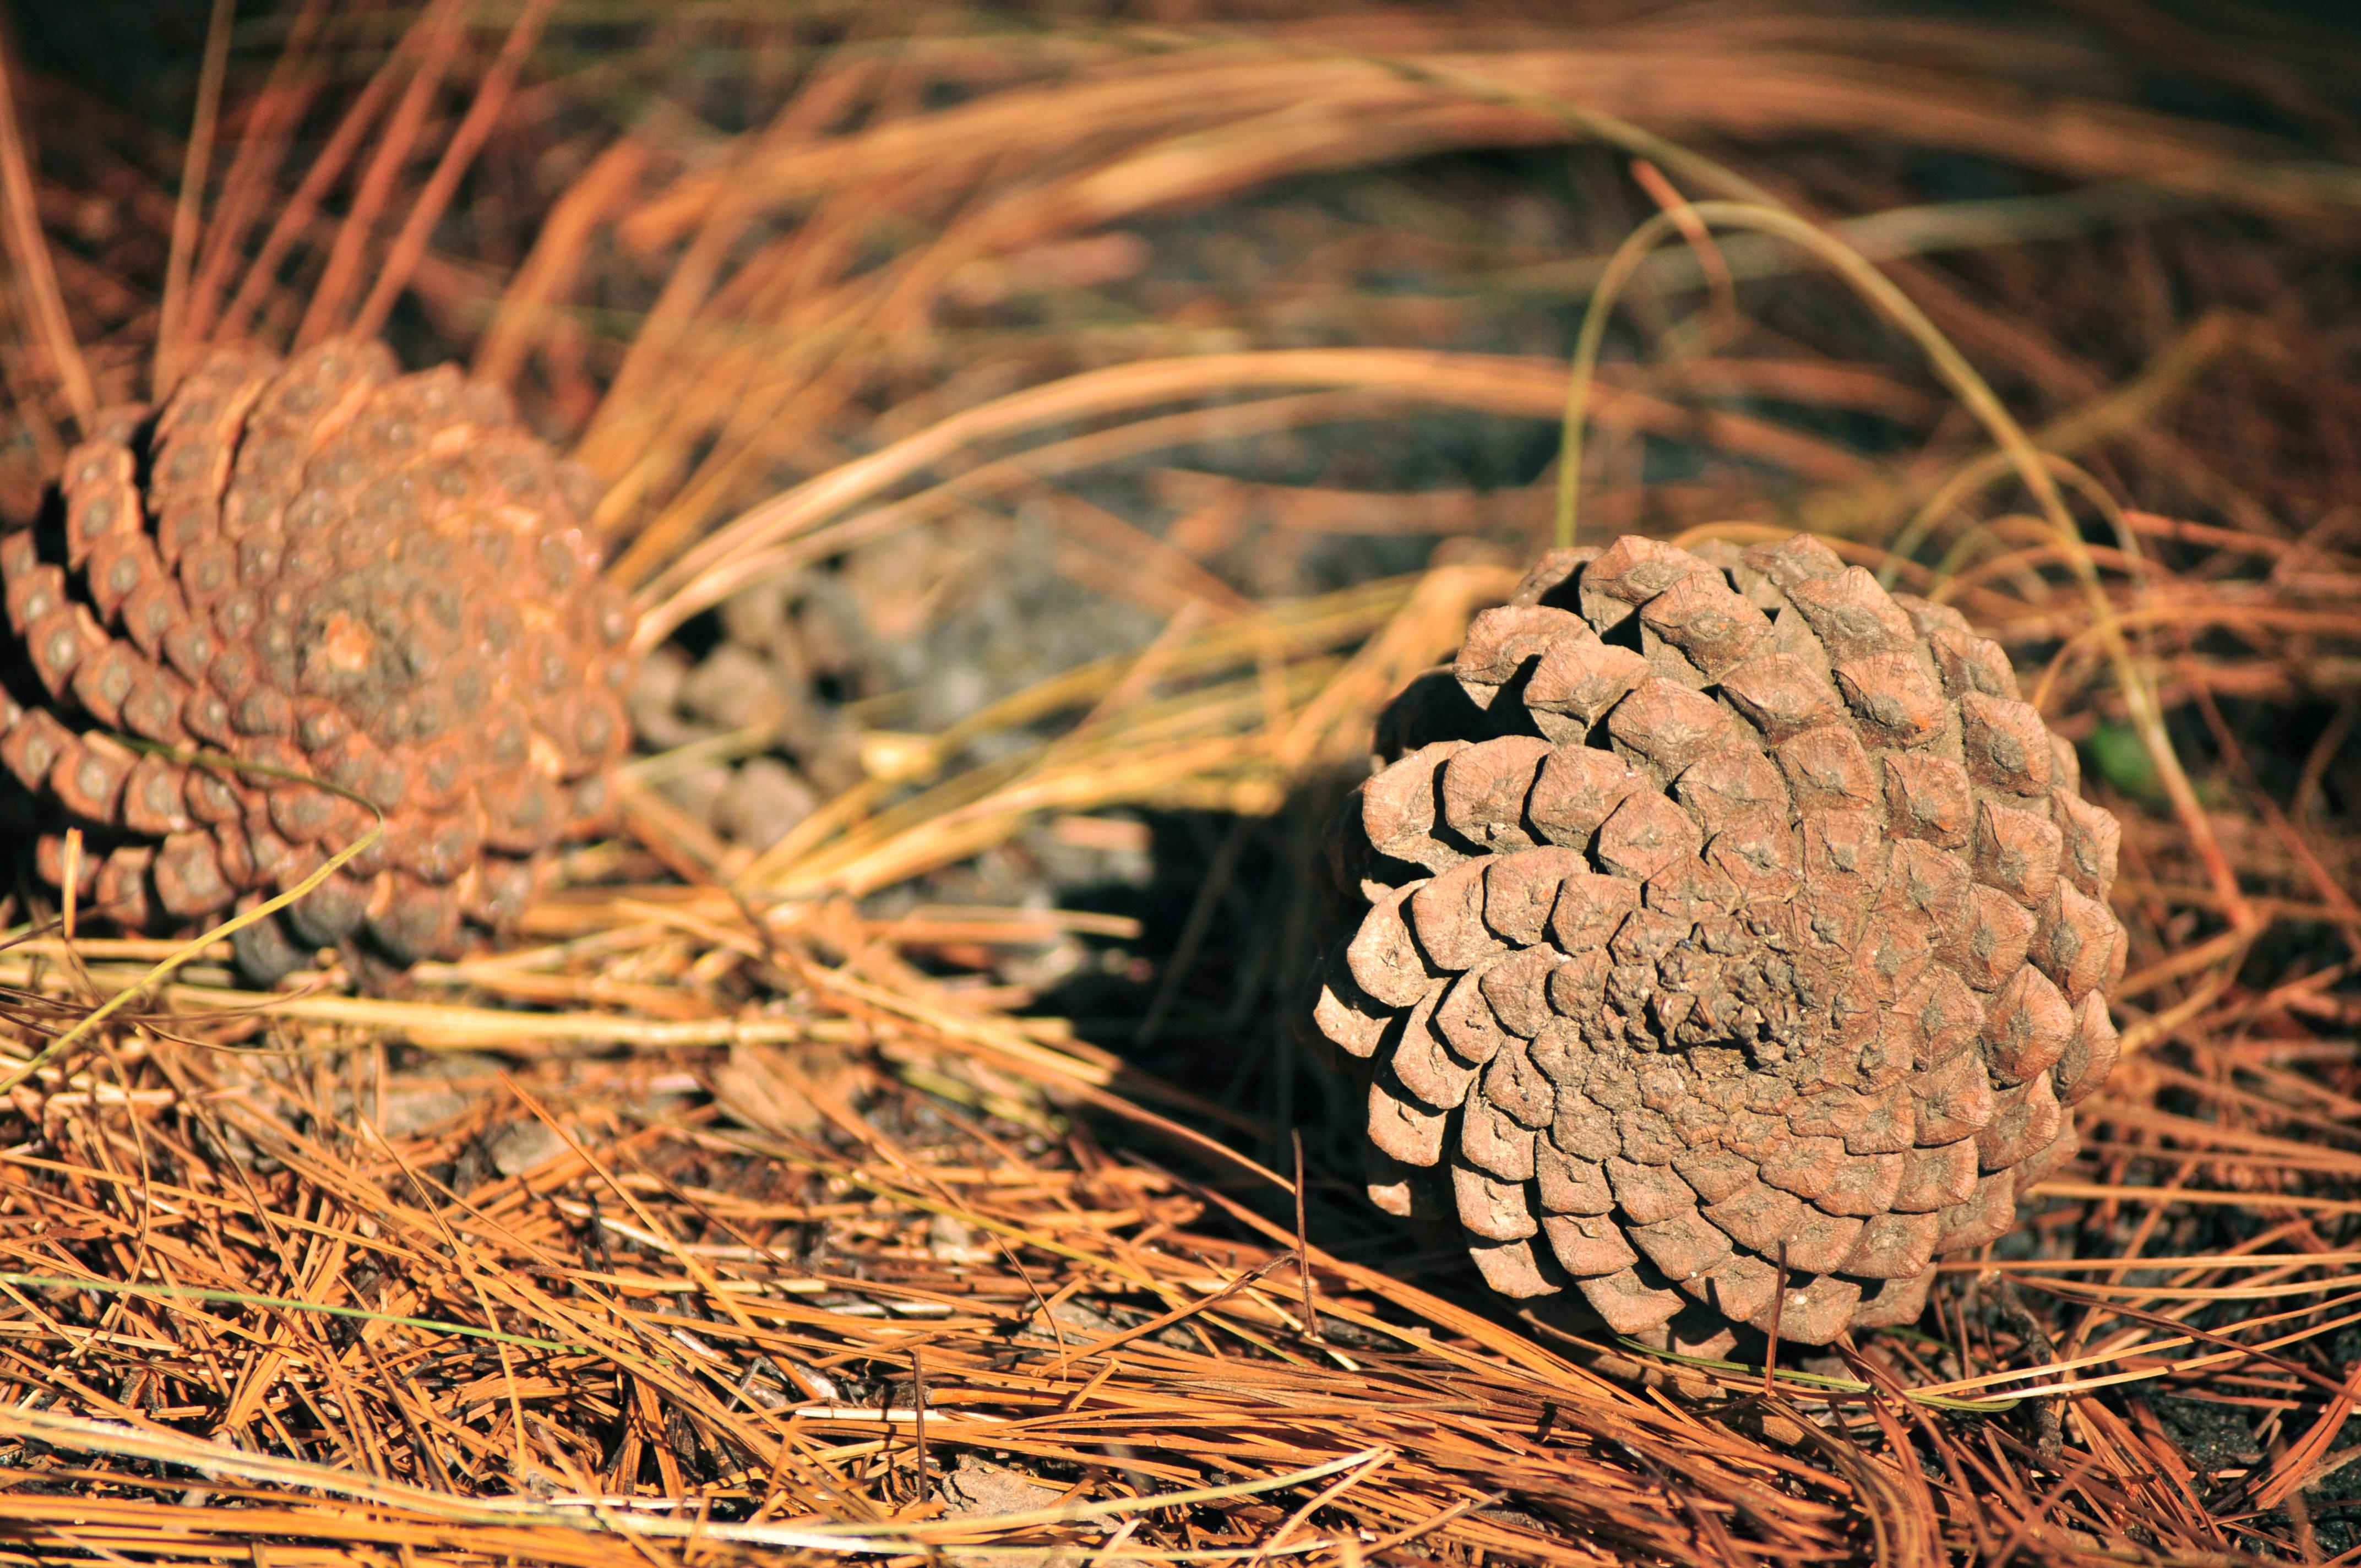 Pinus_maximinoi_cones_Guatemala_1